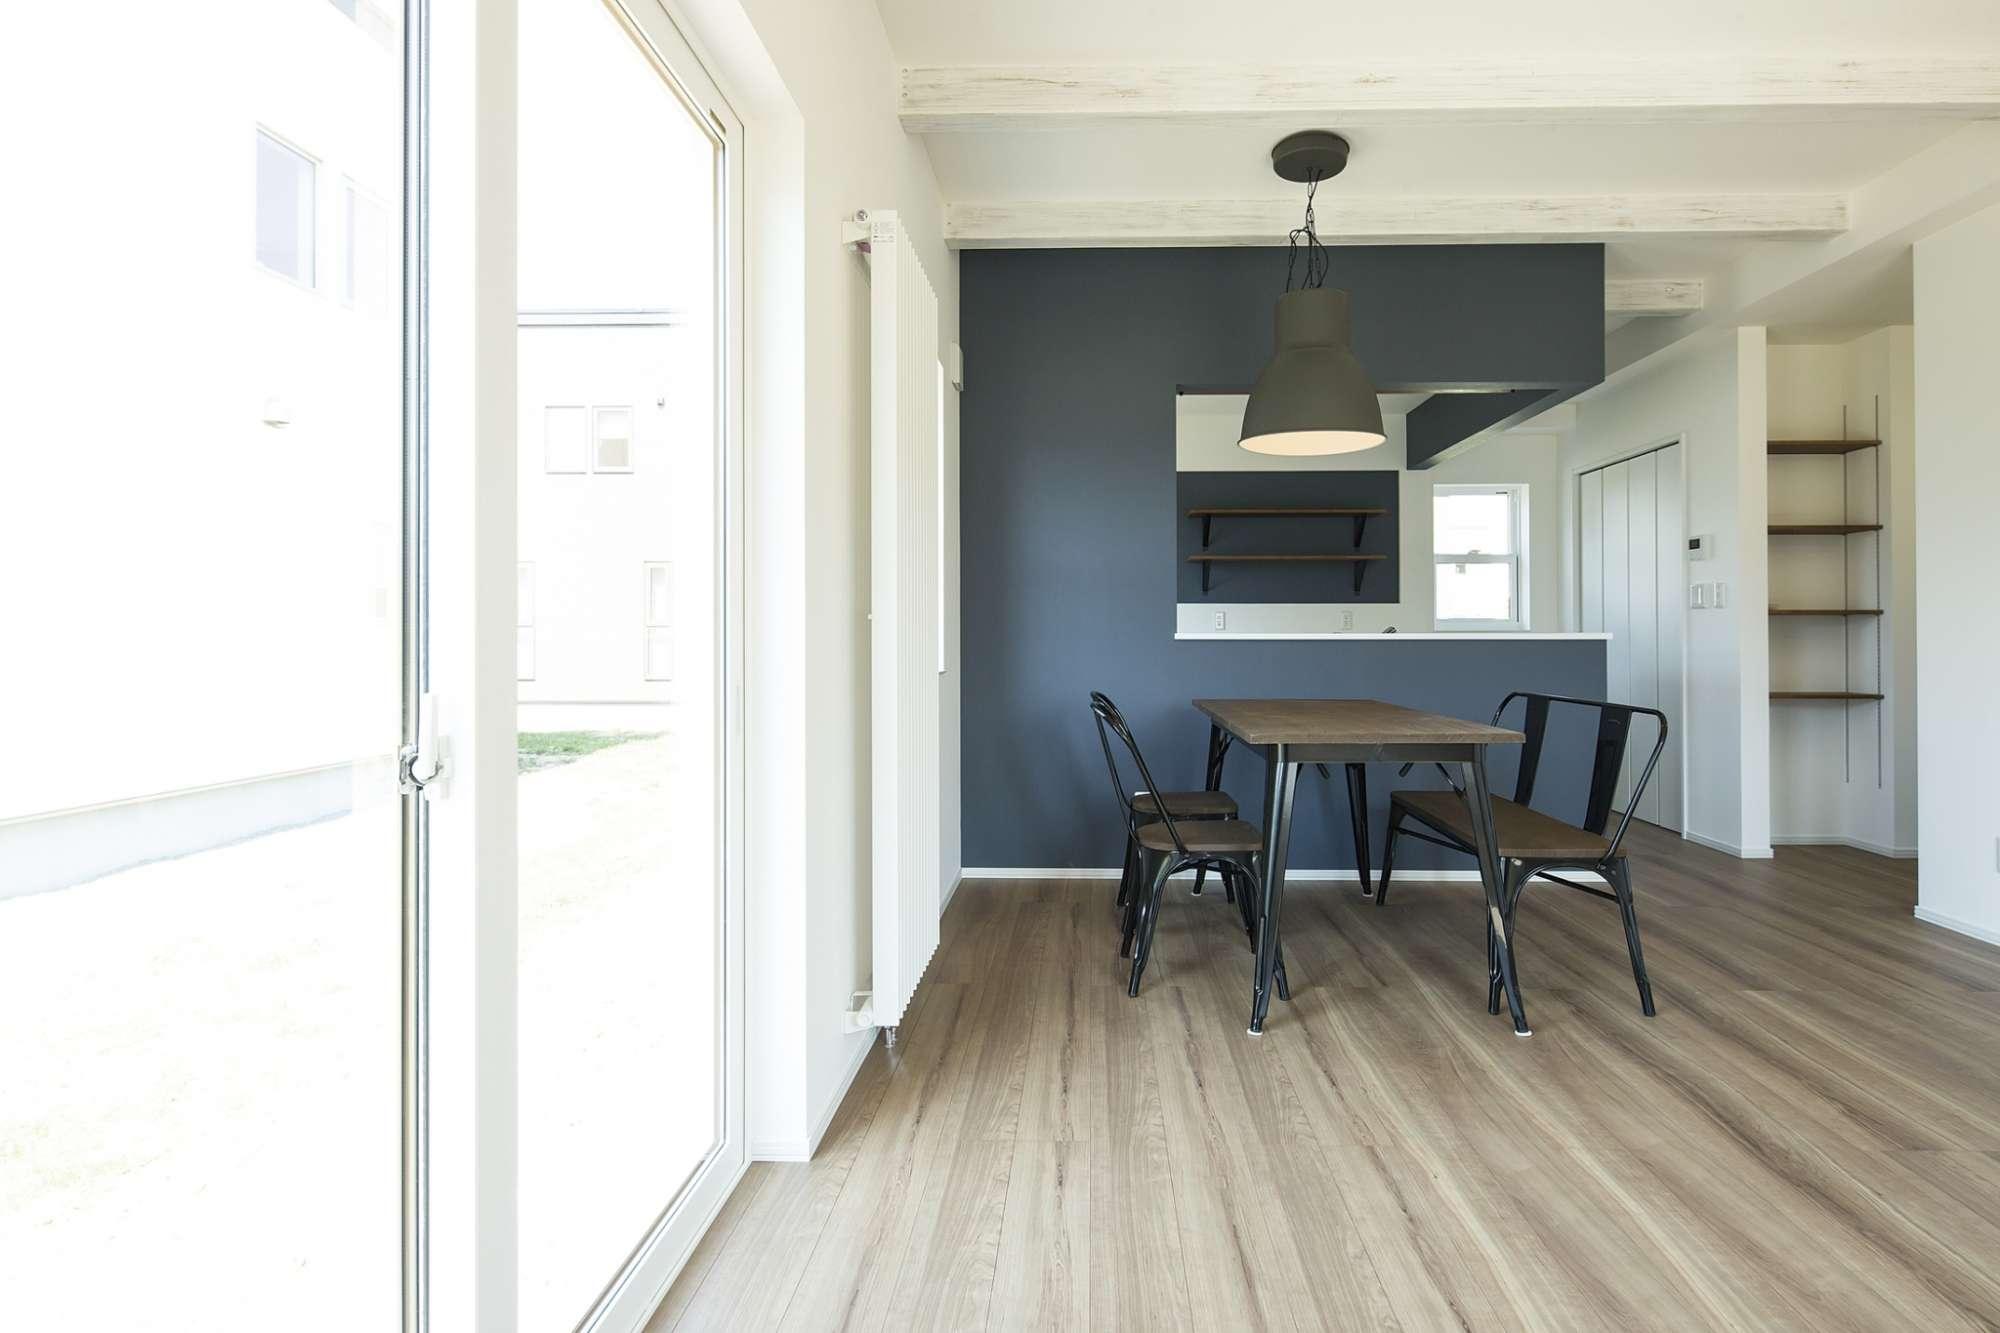 白い壁にナチュラルなフロア、シックなキッチンでスタイリッシュな空間 -  -  -